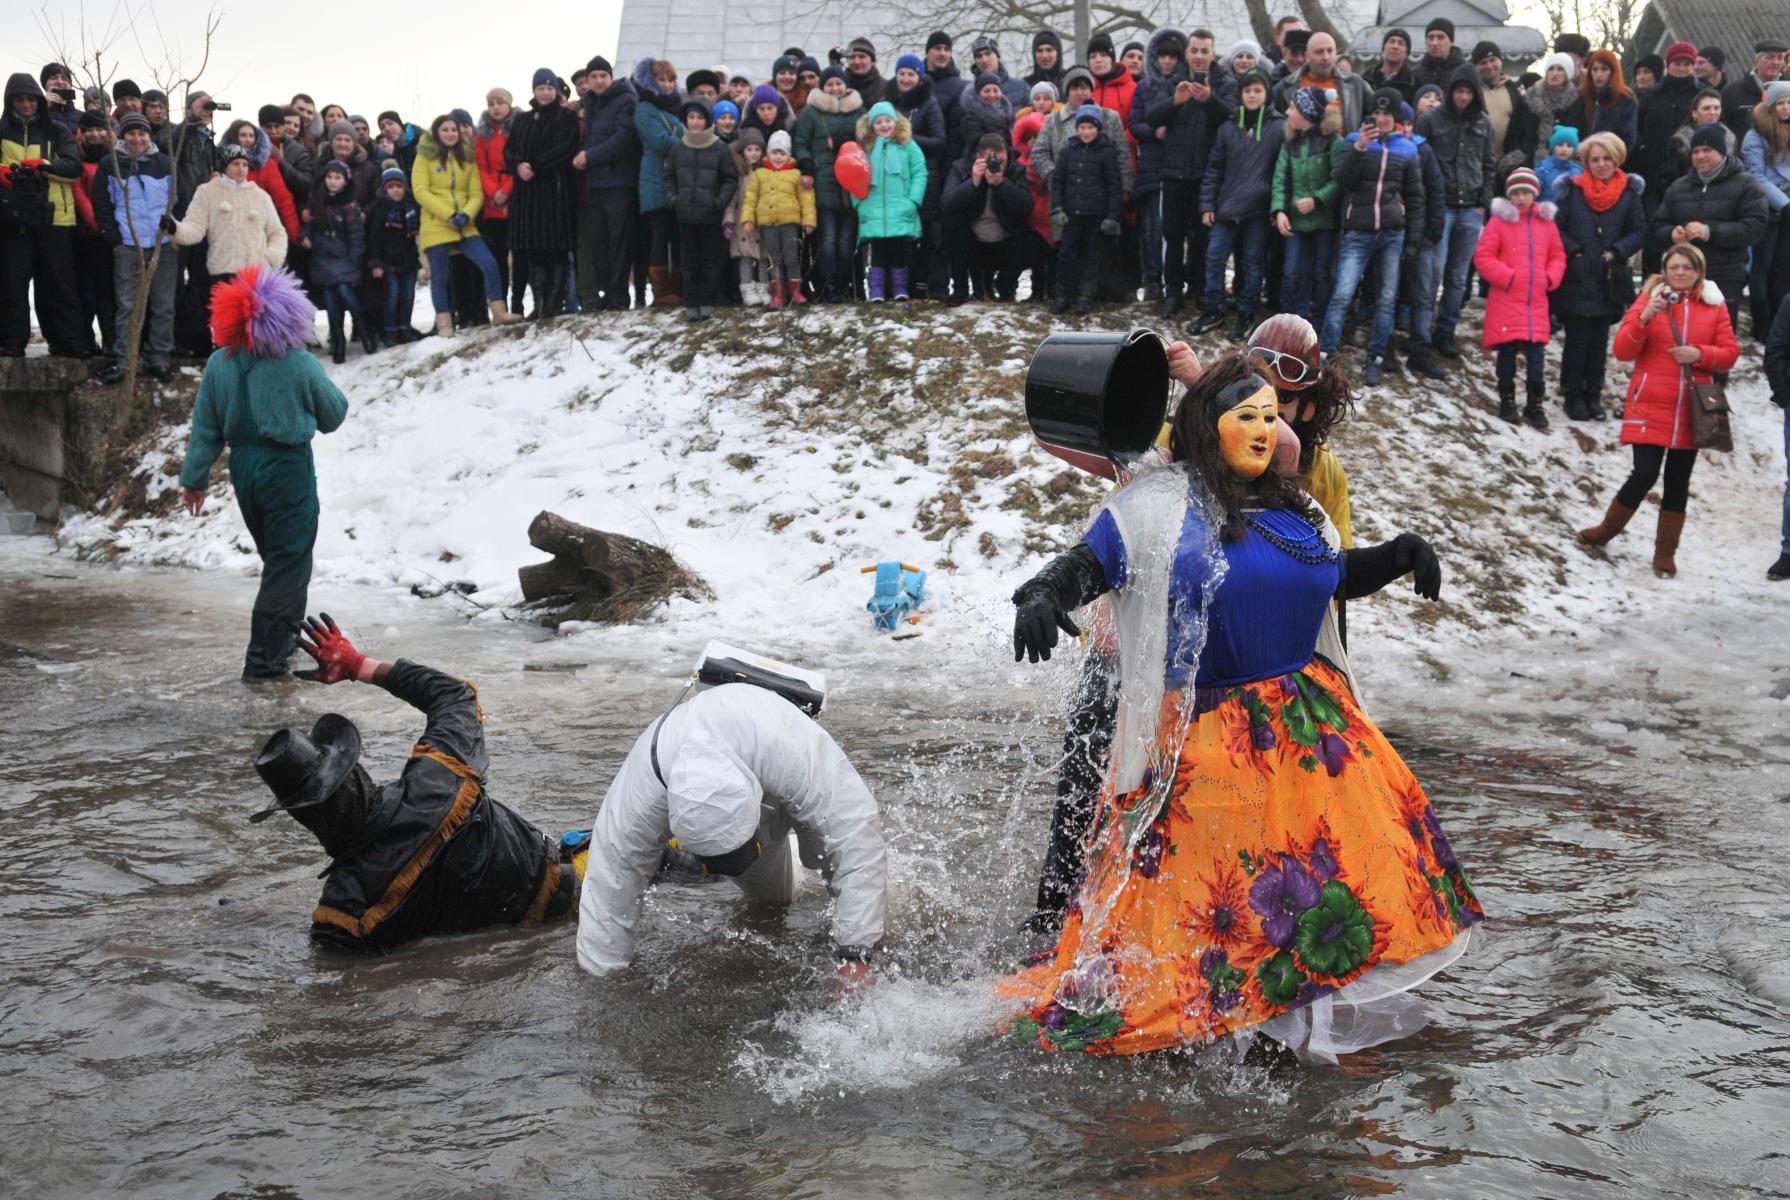 Ведьмы, черти и медведи. Почему нужно ехать на трешевый украинский праздник Маланки